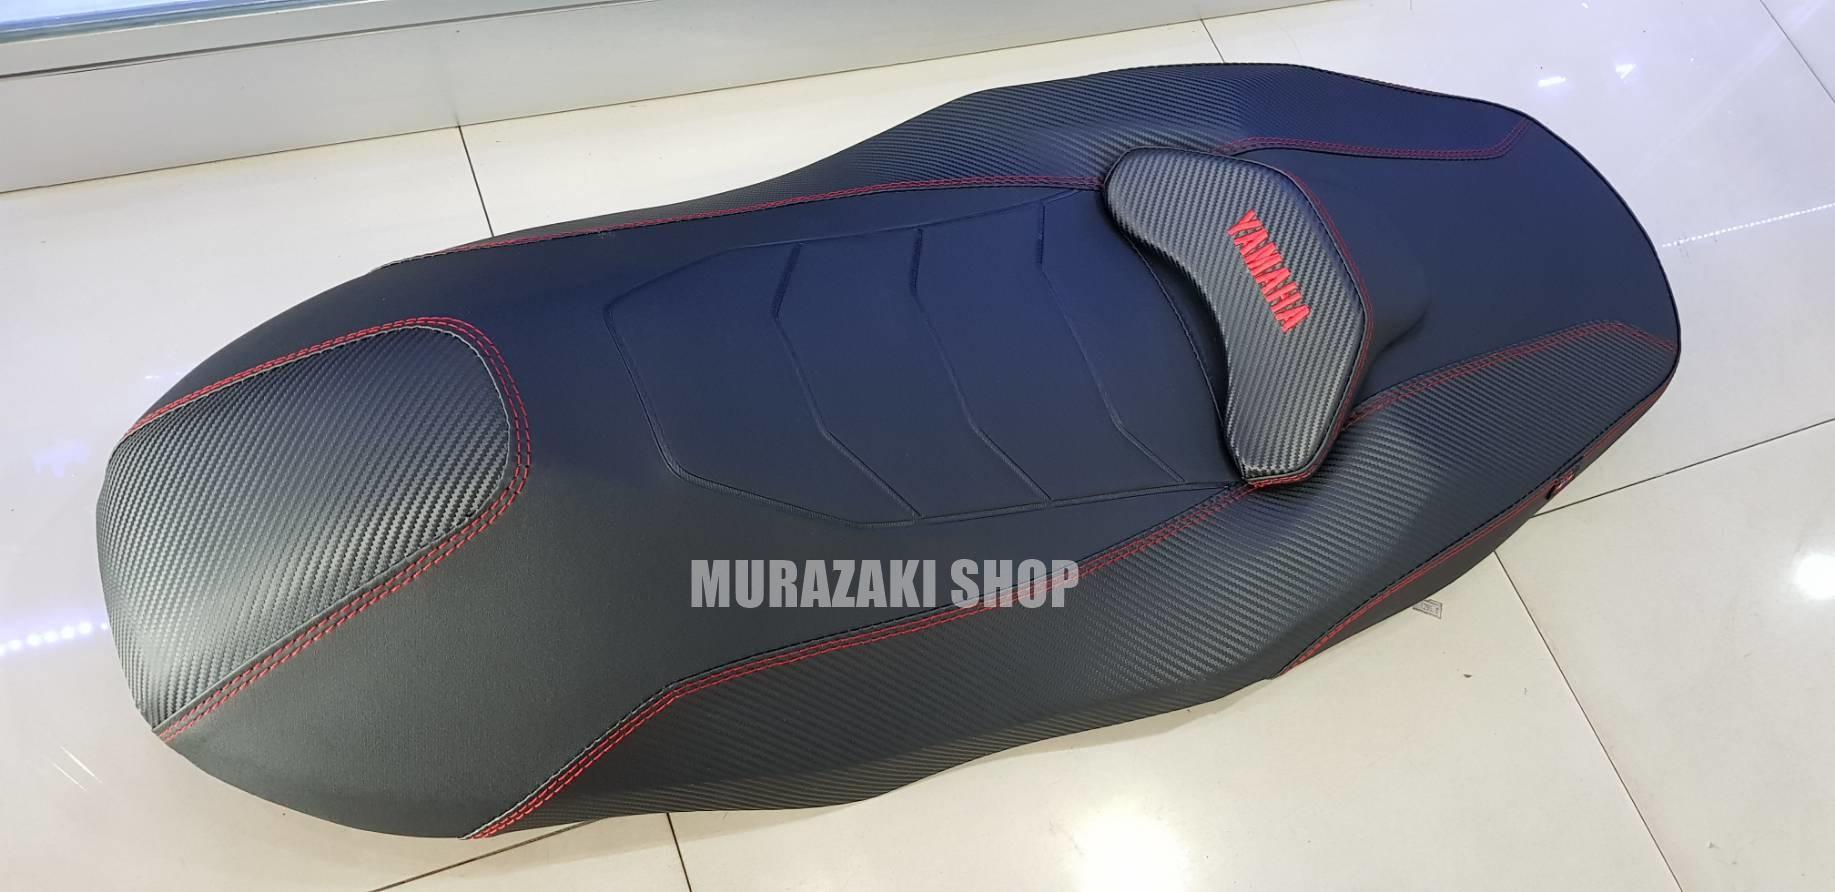 เบาะyamaha X-MAX 300 จาก Noi วัดด่าน โครงแท้ มีด้ายสีแดง ดำ ขาว น้ำเงิน ราคาสับ 2,500 บาท